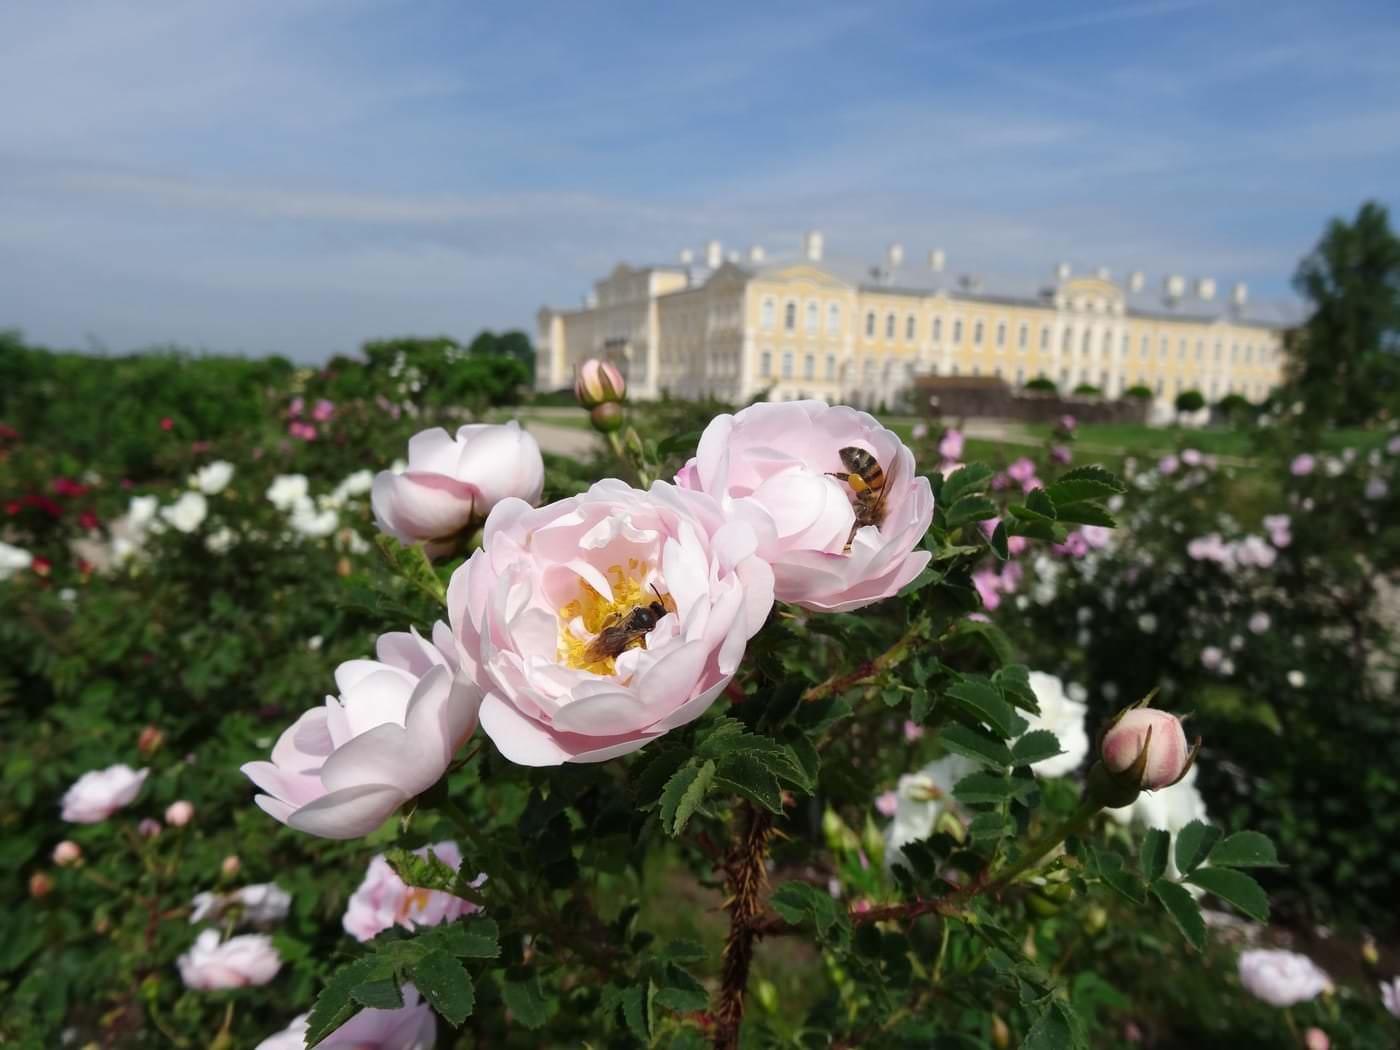 Maijrožu, krokoto un Latvijas selekcionāru rožu ziedēšana /24.05.2016./